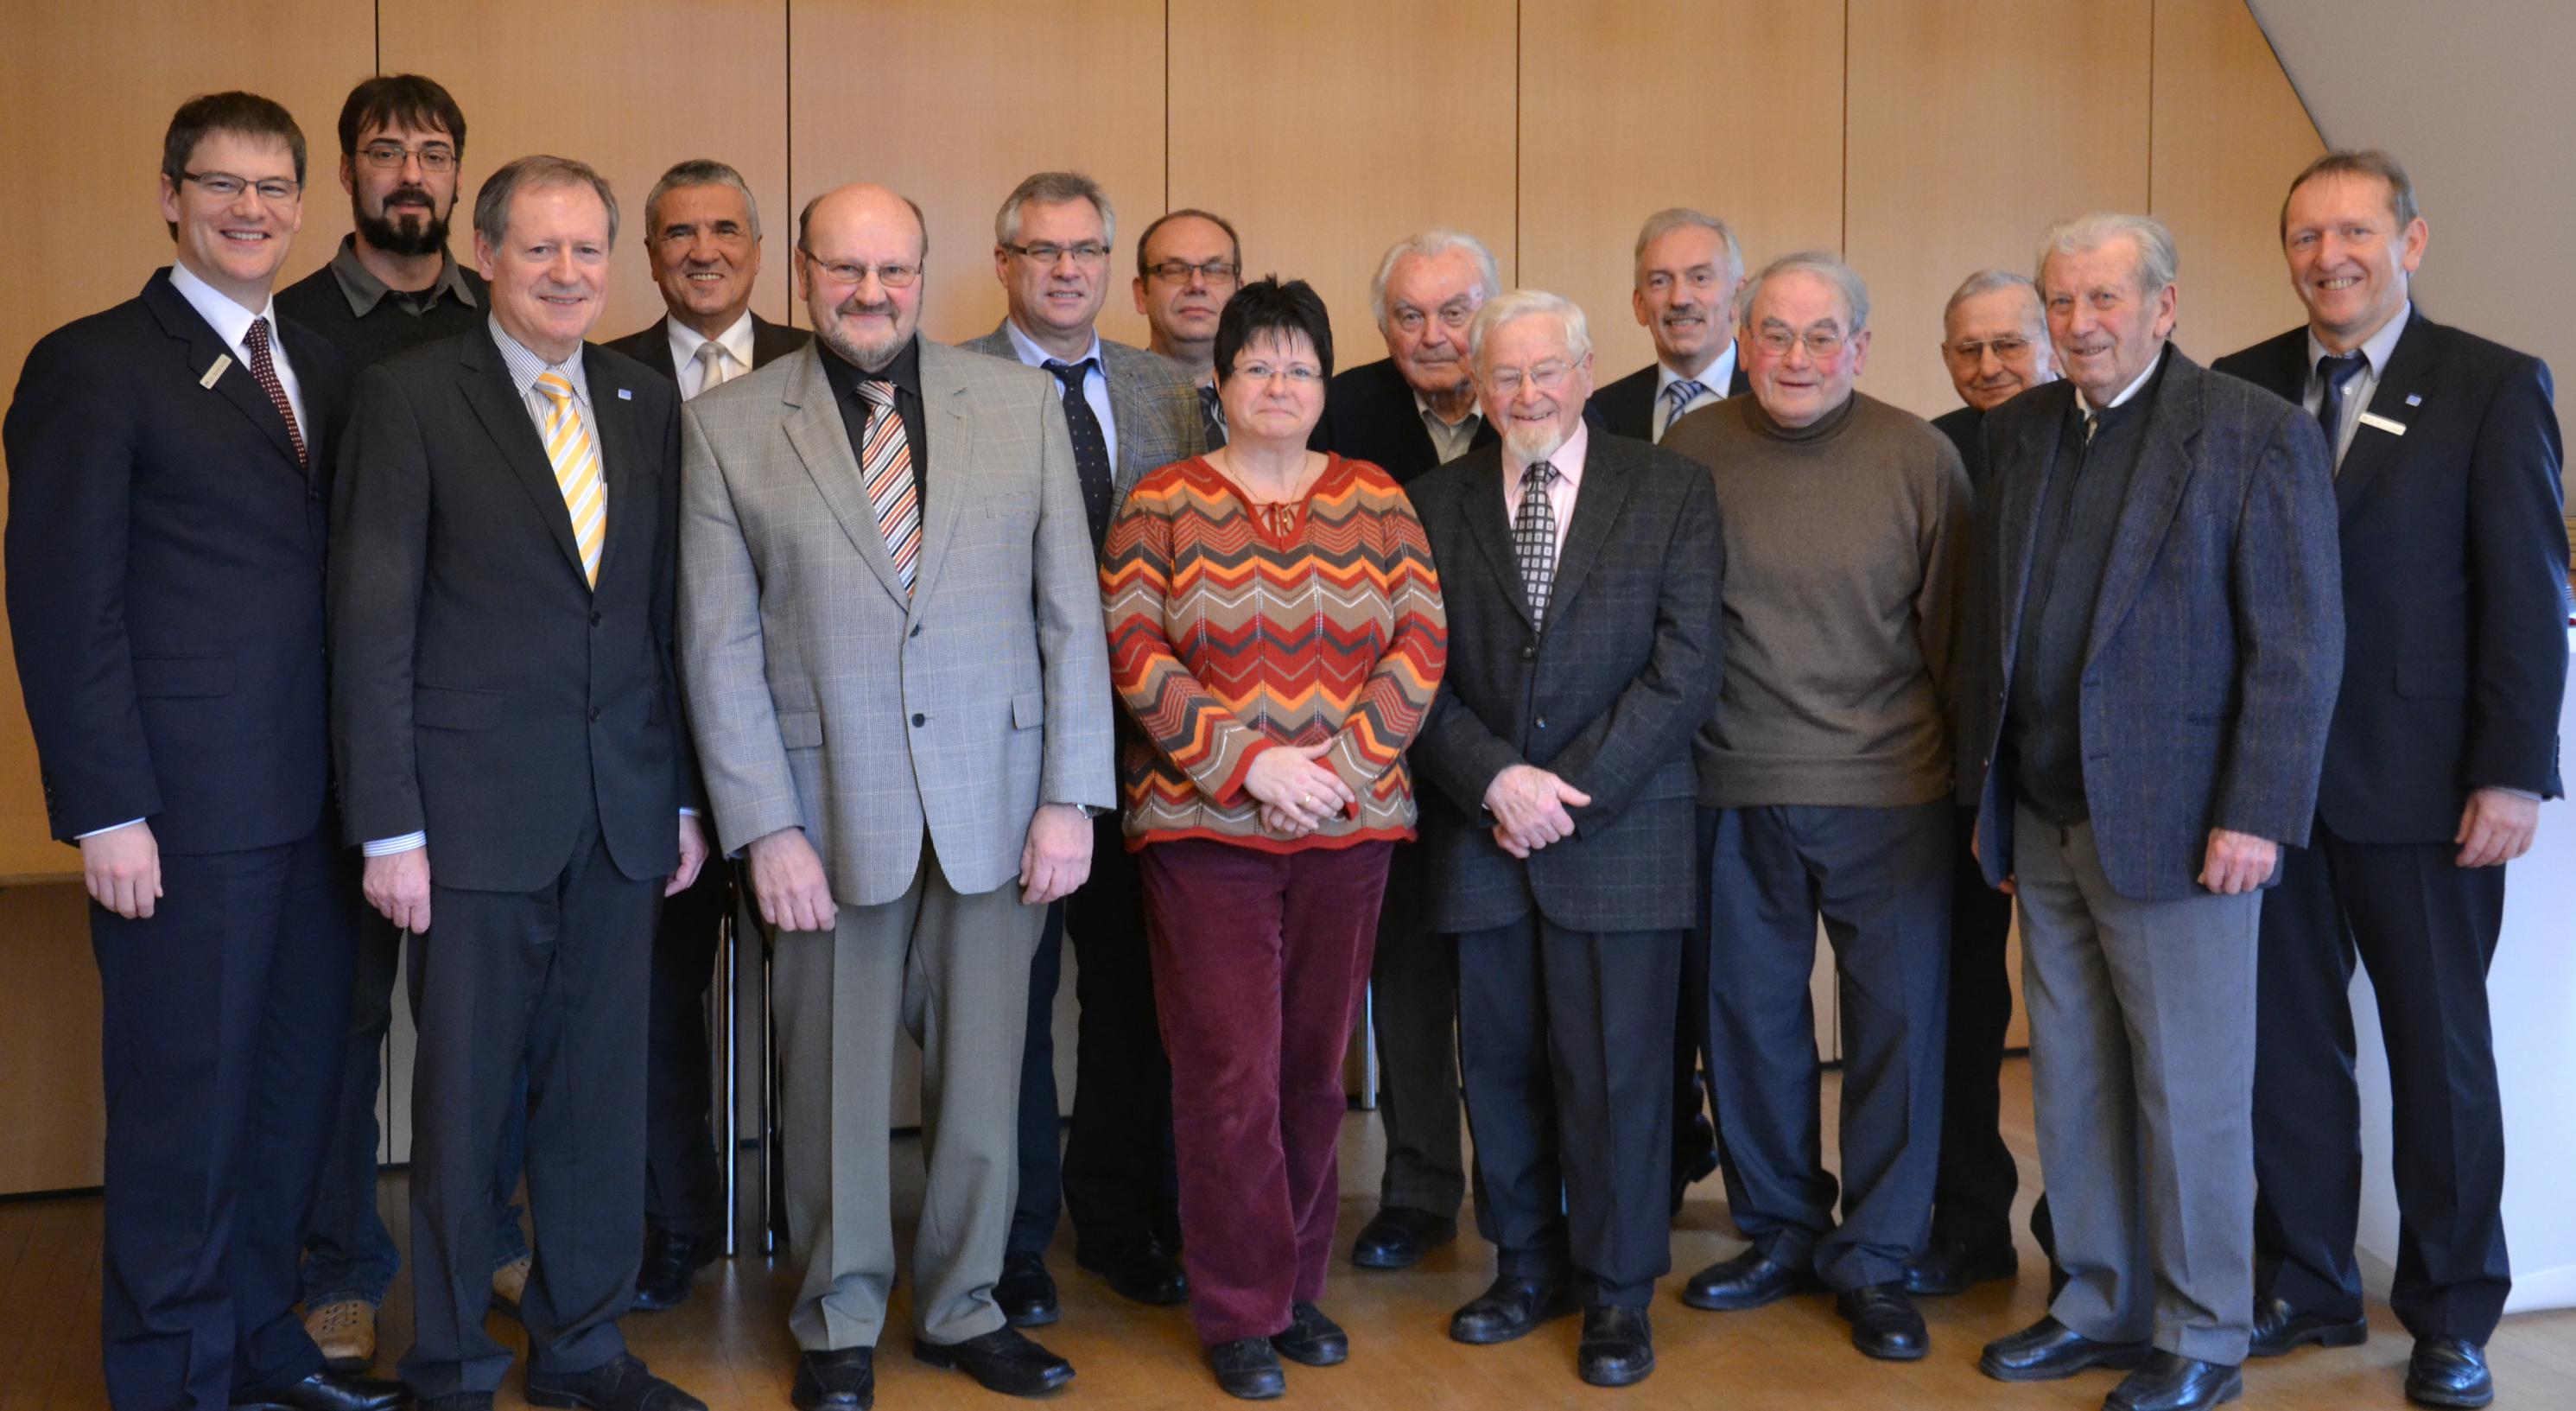 Mitgliederehrungen2012